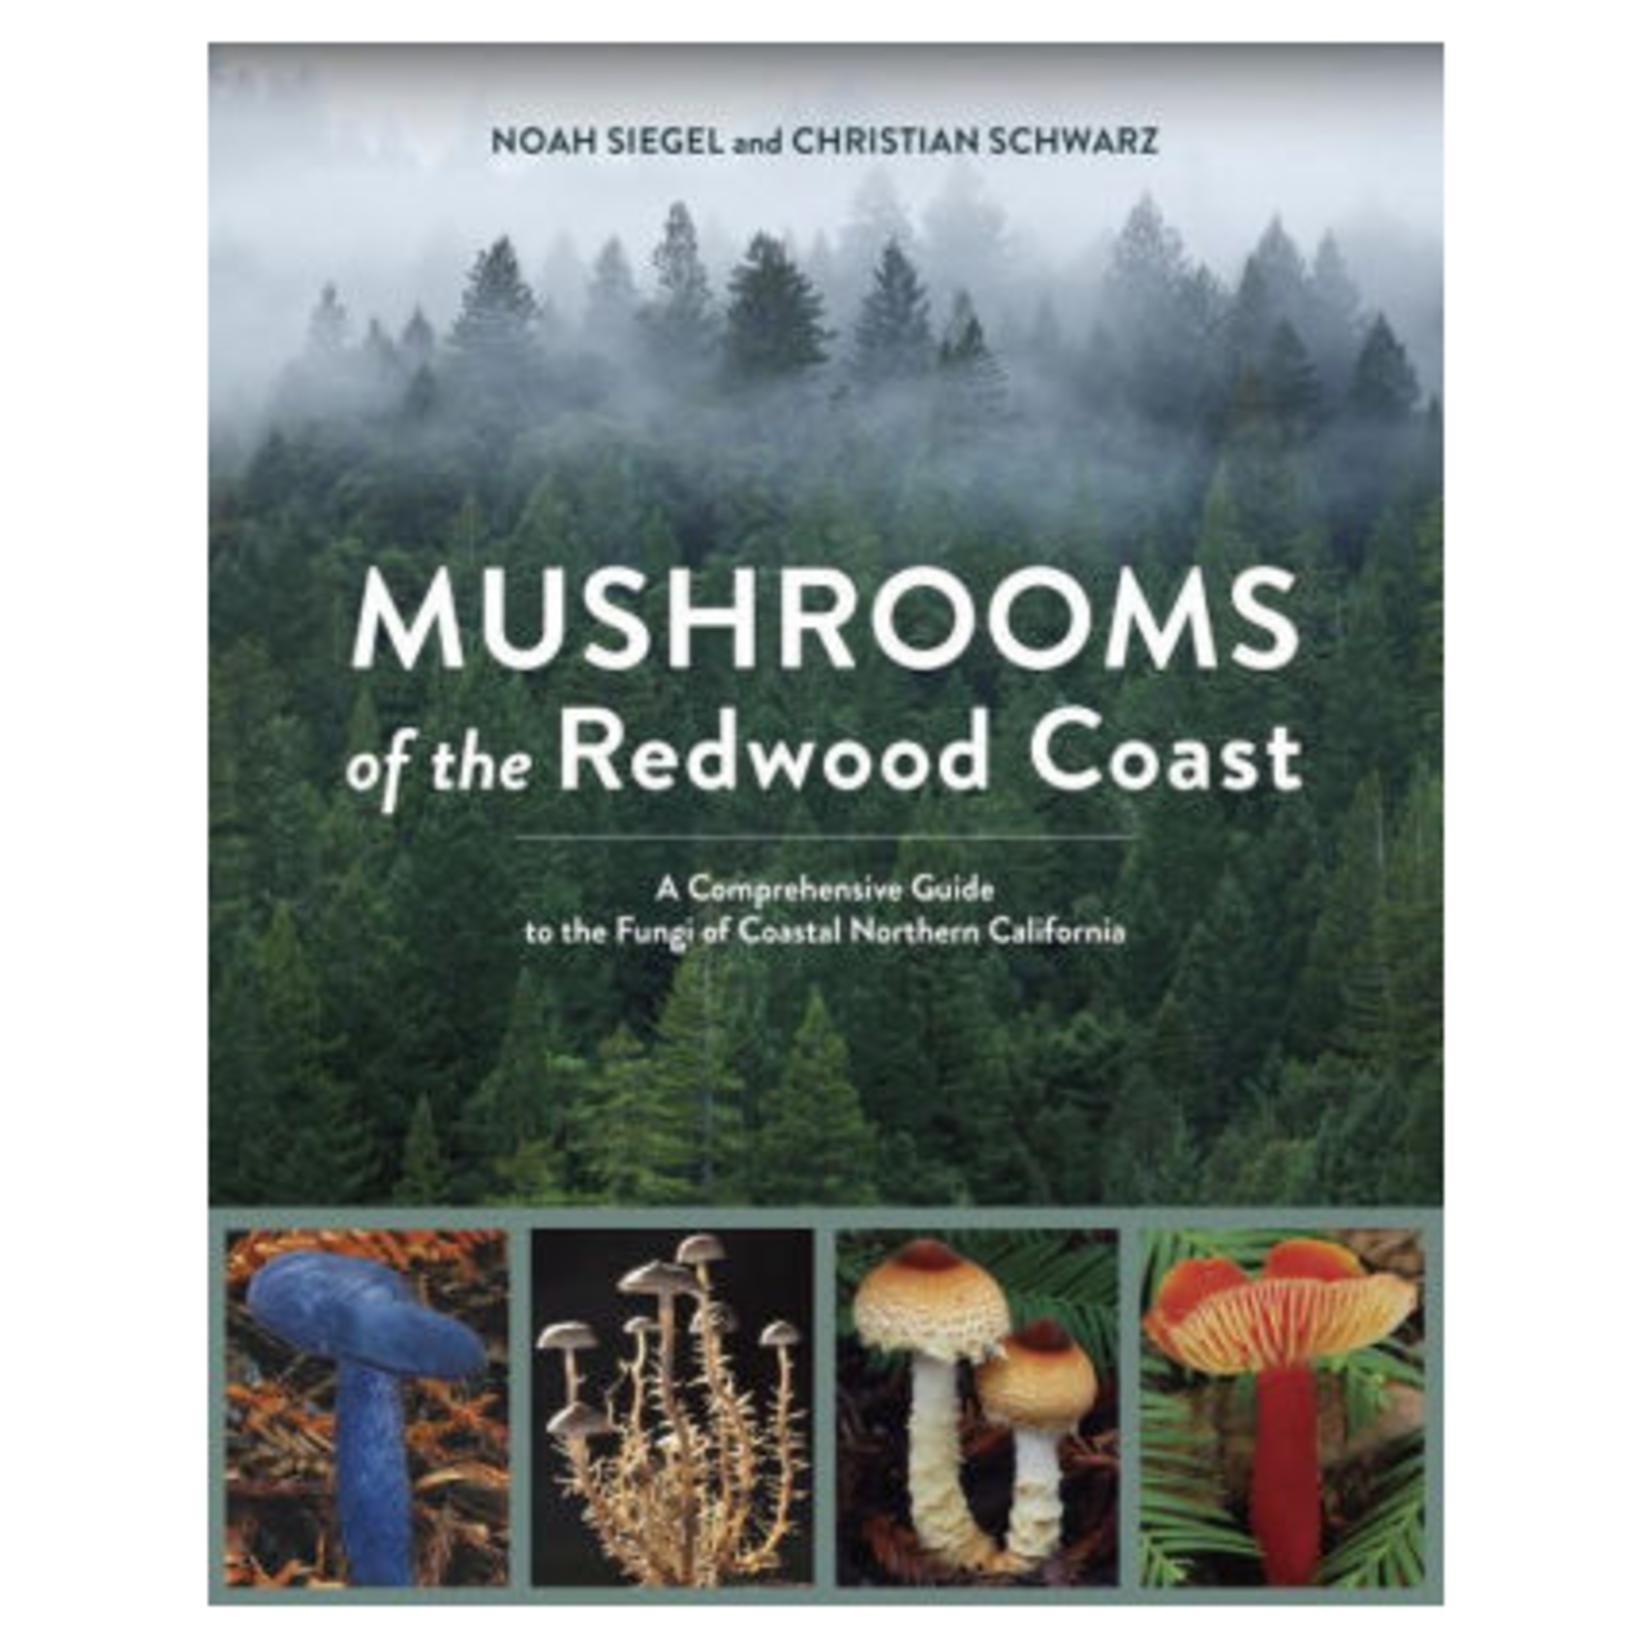 Mushrooms of the Redwood Coast